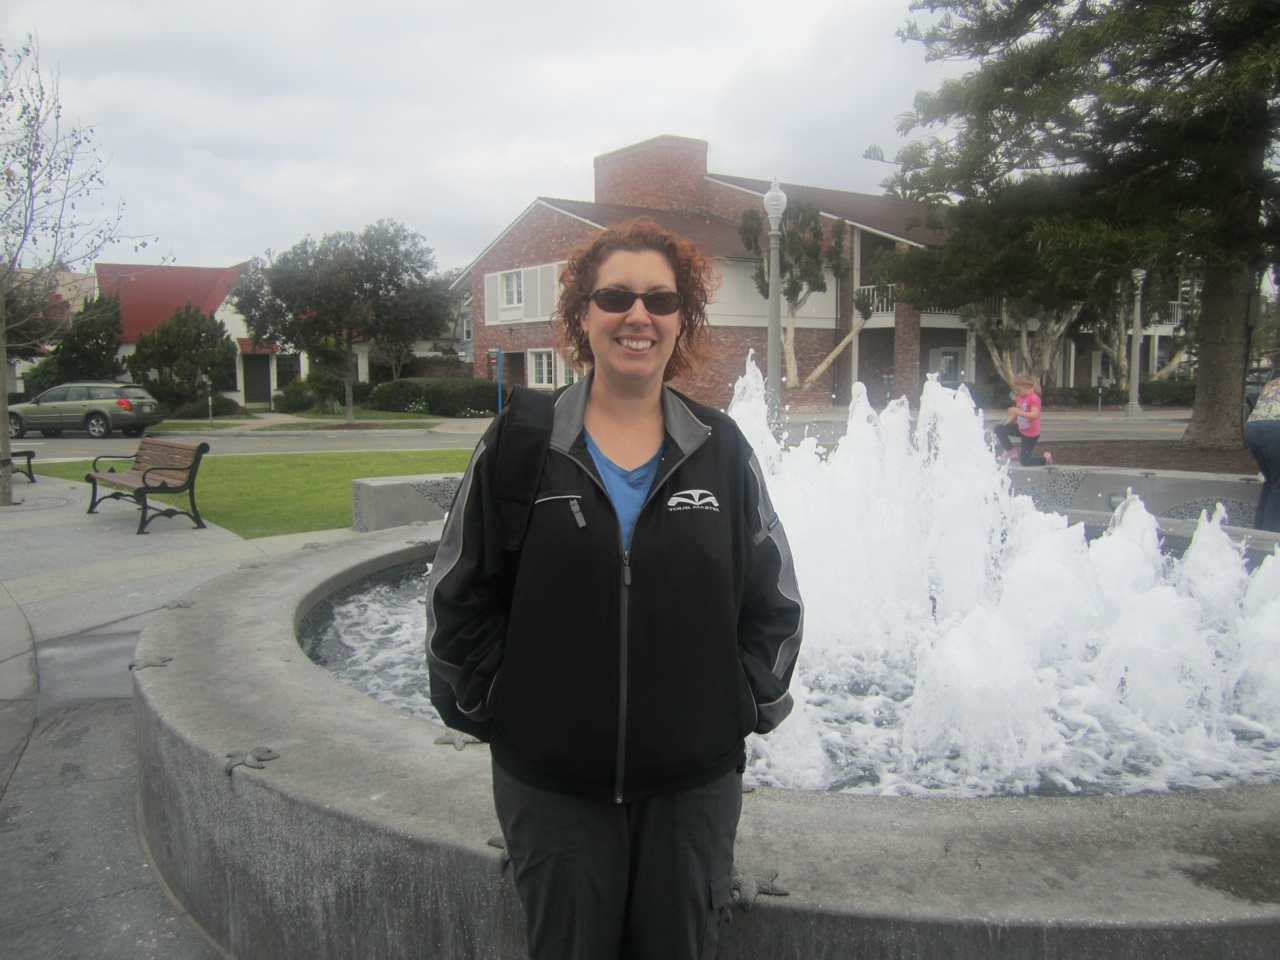 Brenda In Front Of Fountain In The Town Square In Coronado, CA